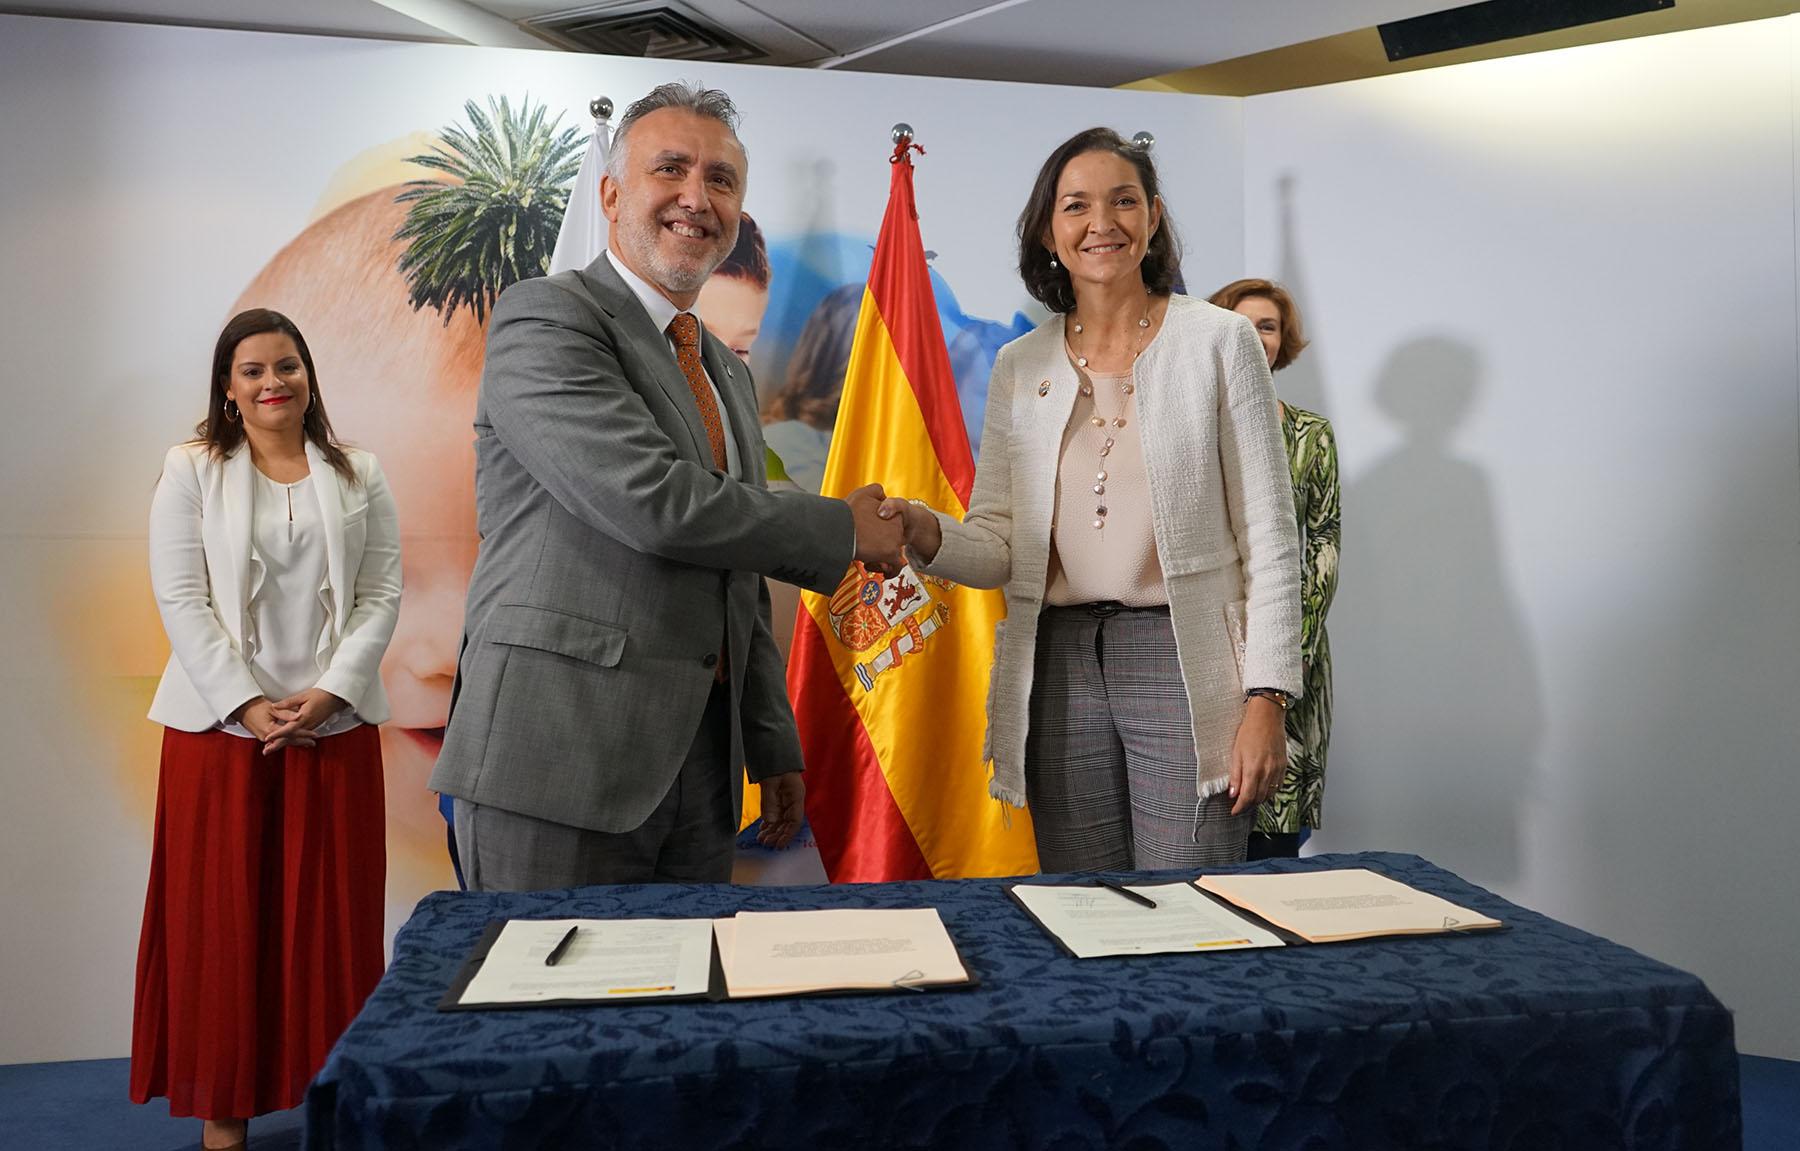 Canarias ministerio turismo Torres Maroto